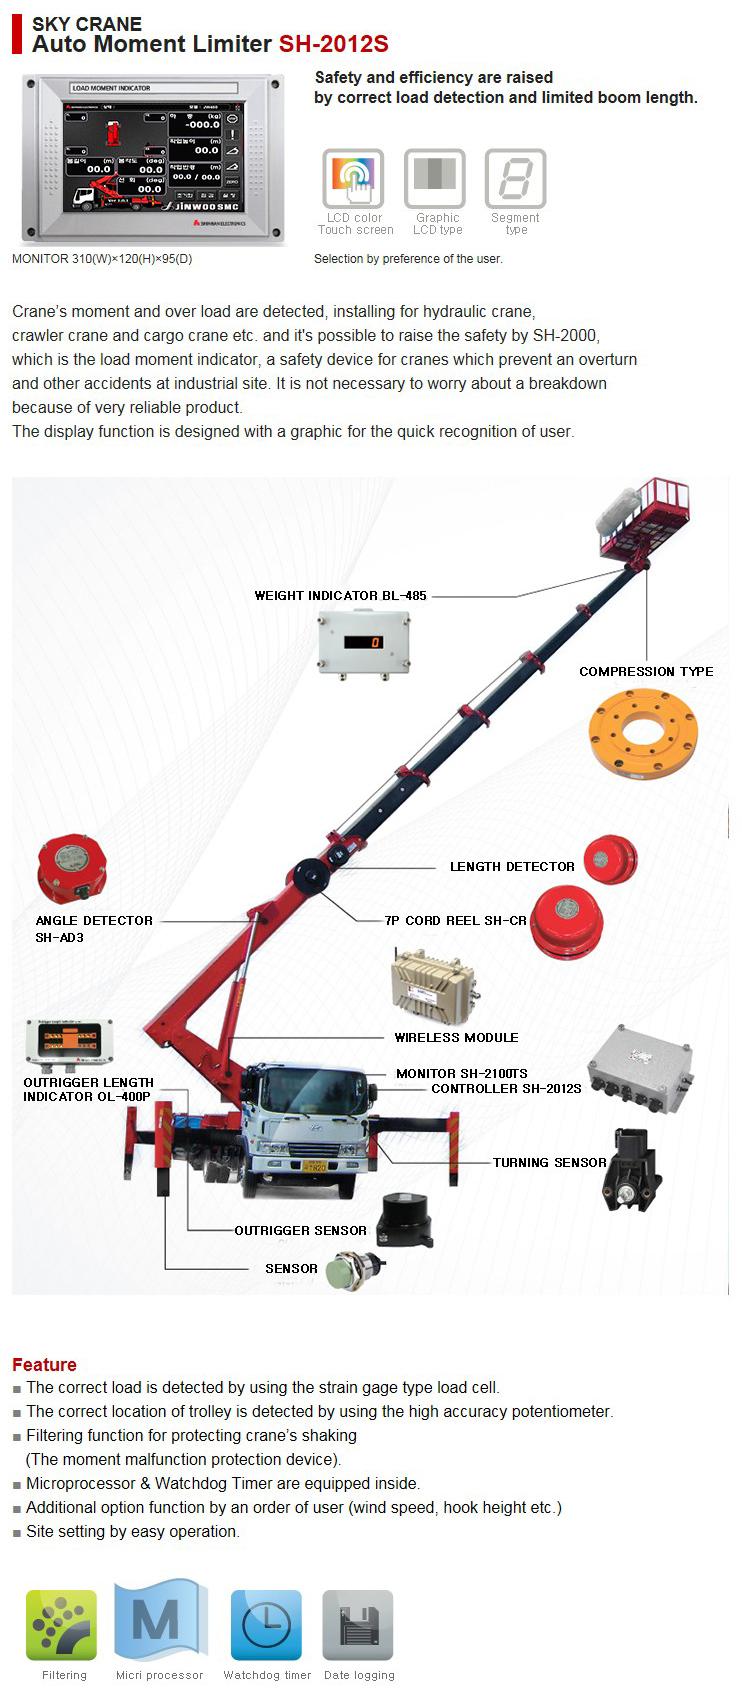 SHINHAN ELECTRIONICS Sky Crane Auto Moment Limiter SH-2012S